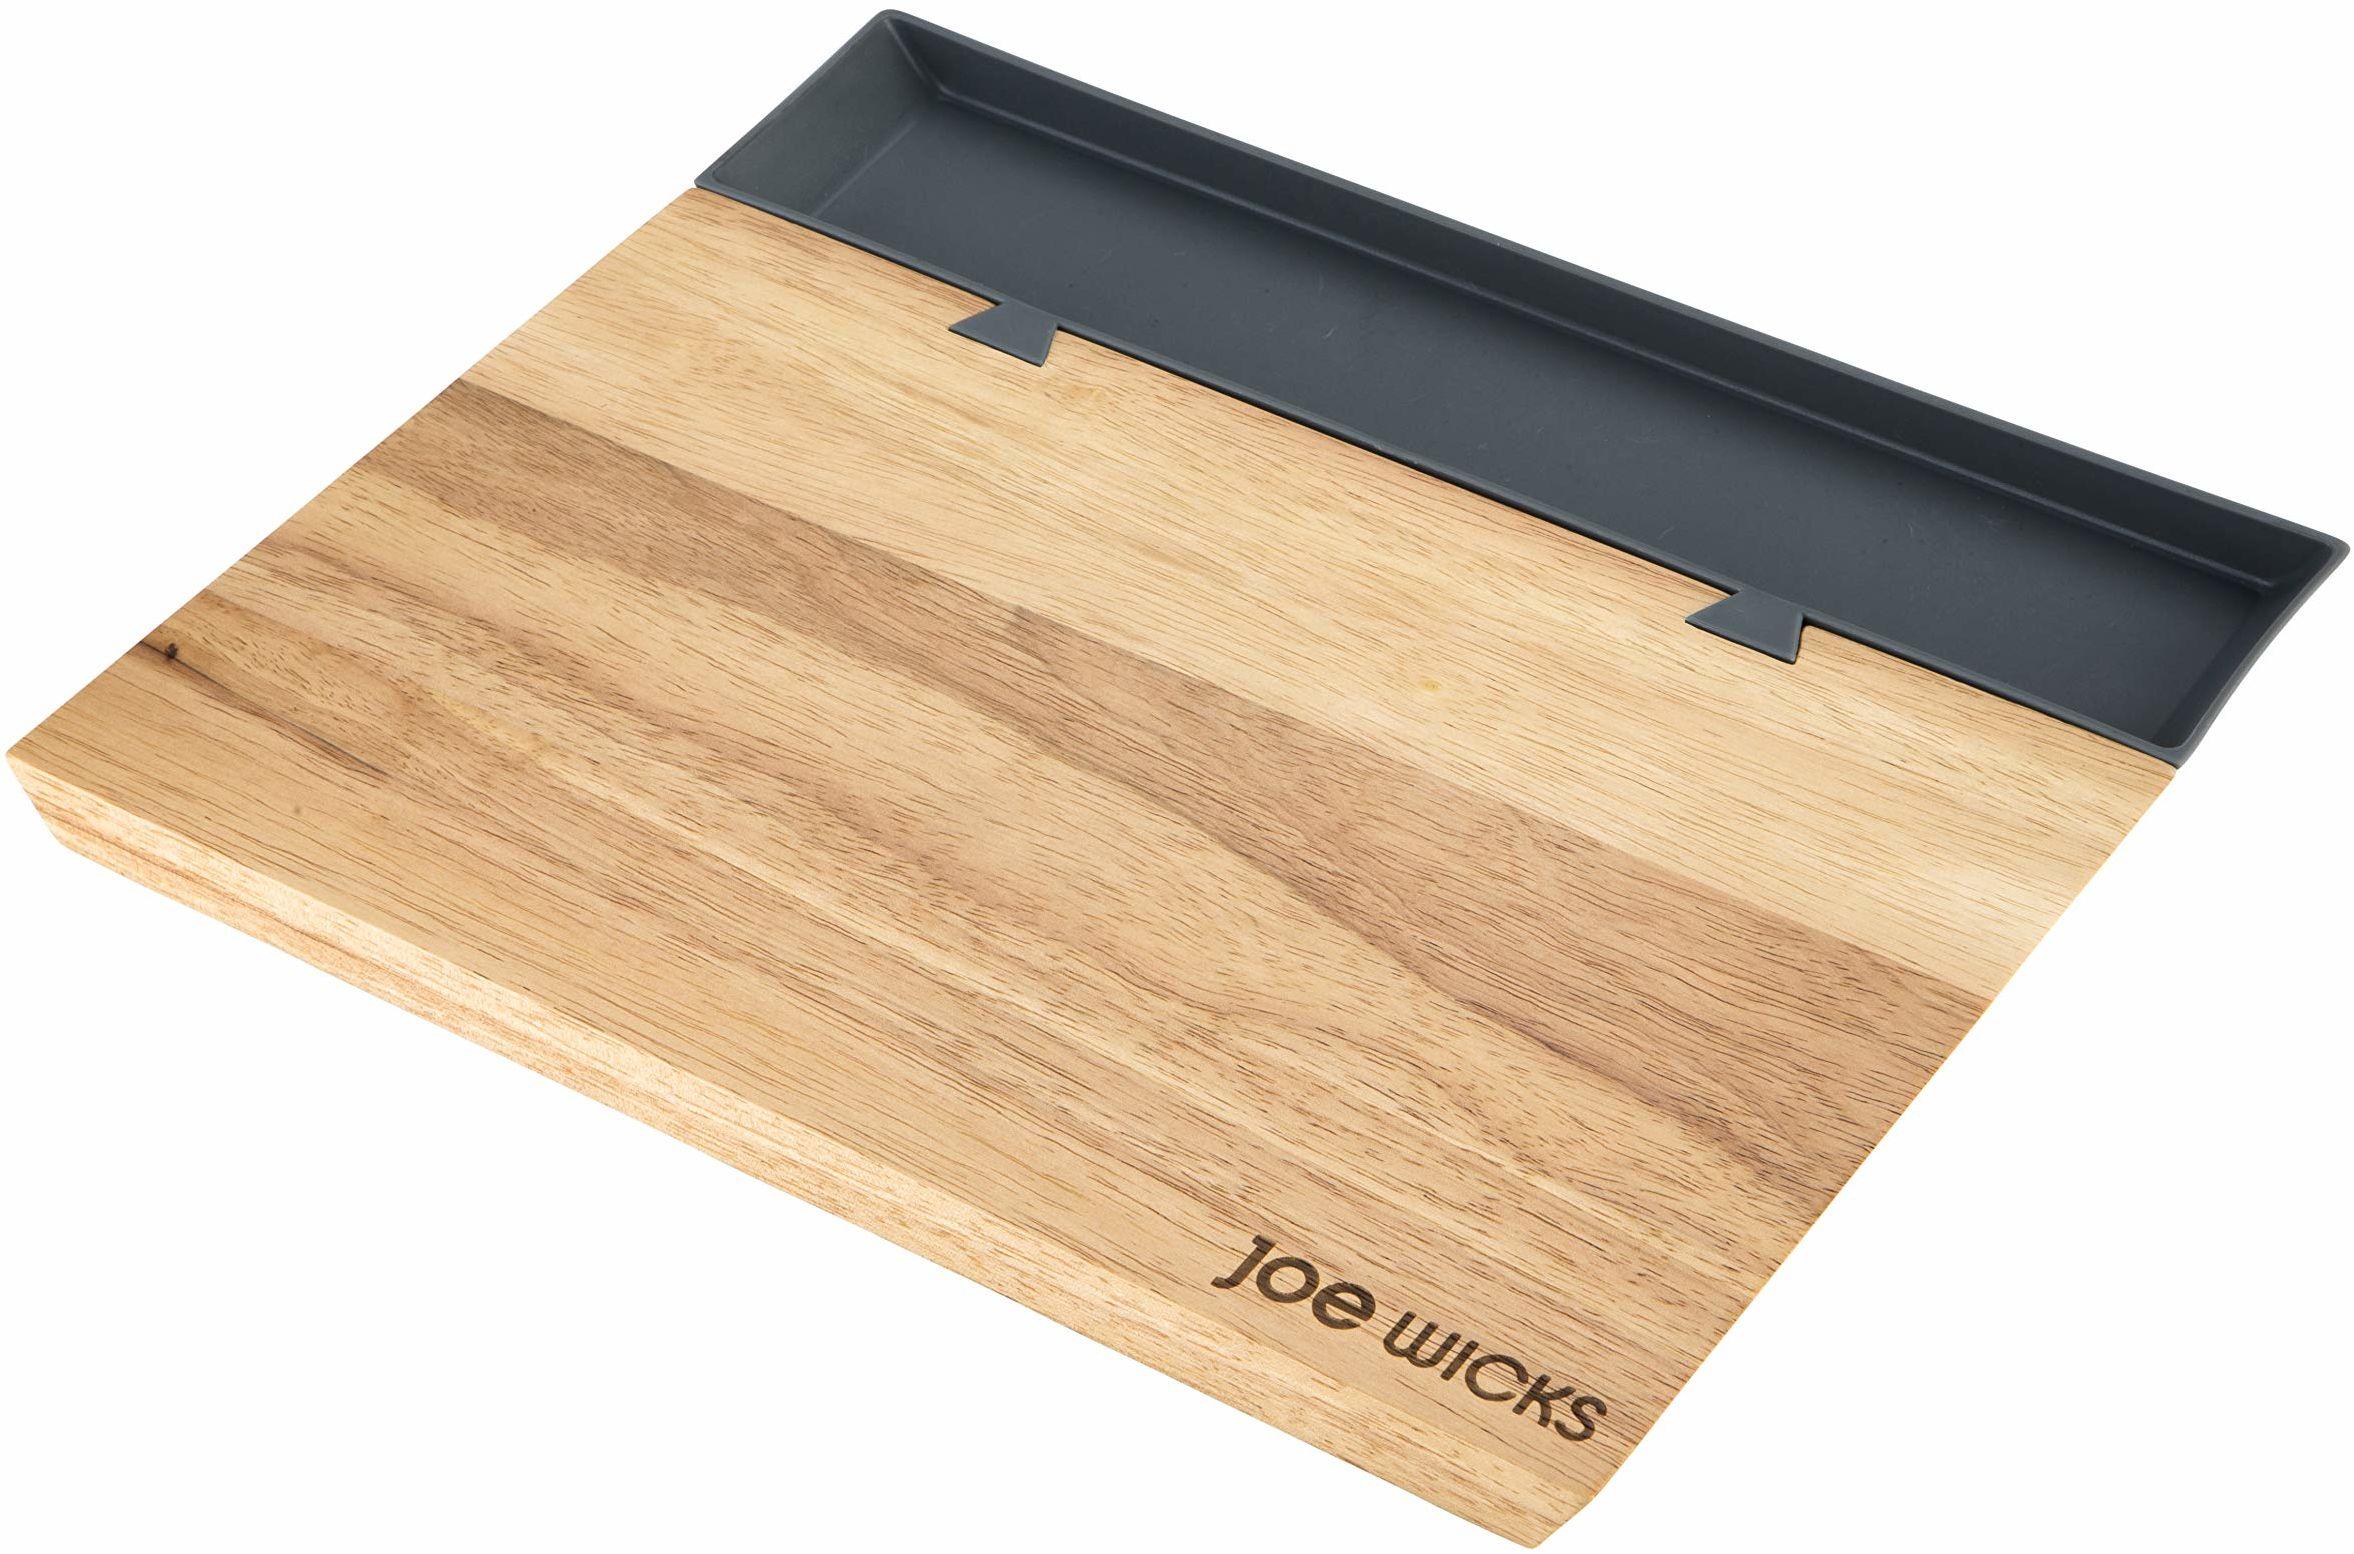 Joe Wicks - duża deska do krojenia - silikonowa taca do sortowania - Przygotowanie żywności - drewno - 35 x 21 x 2 cm